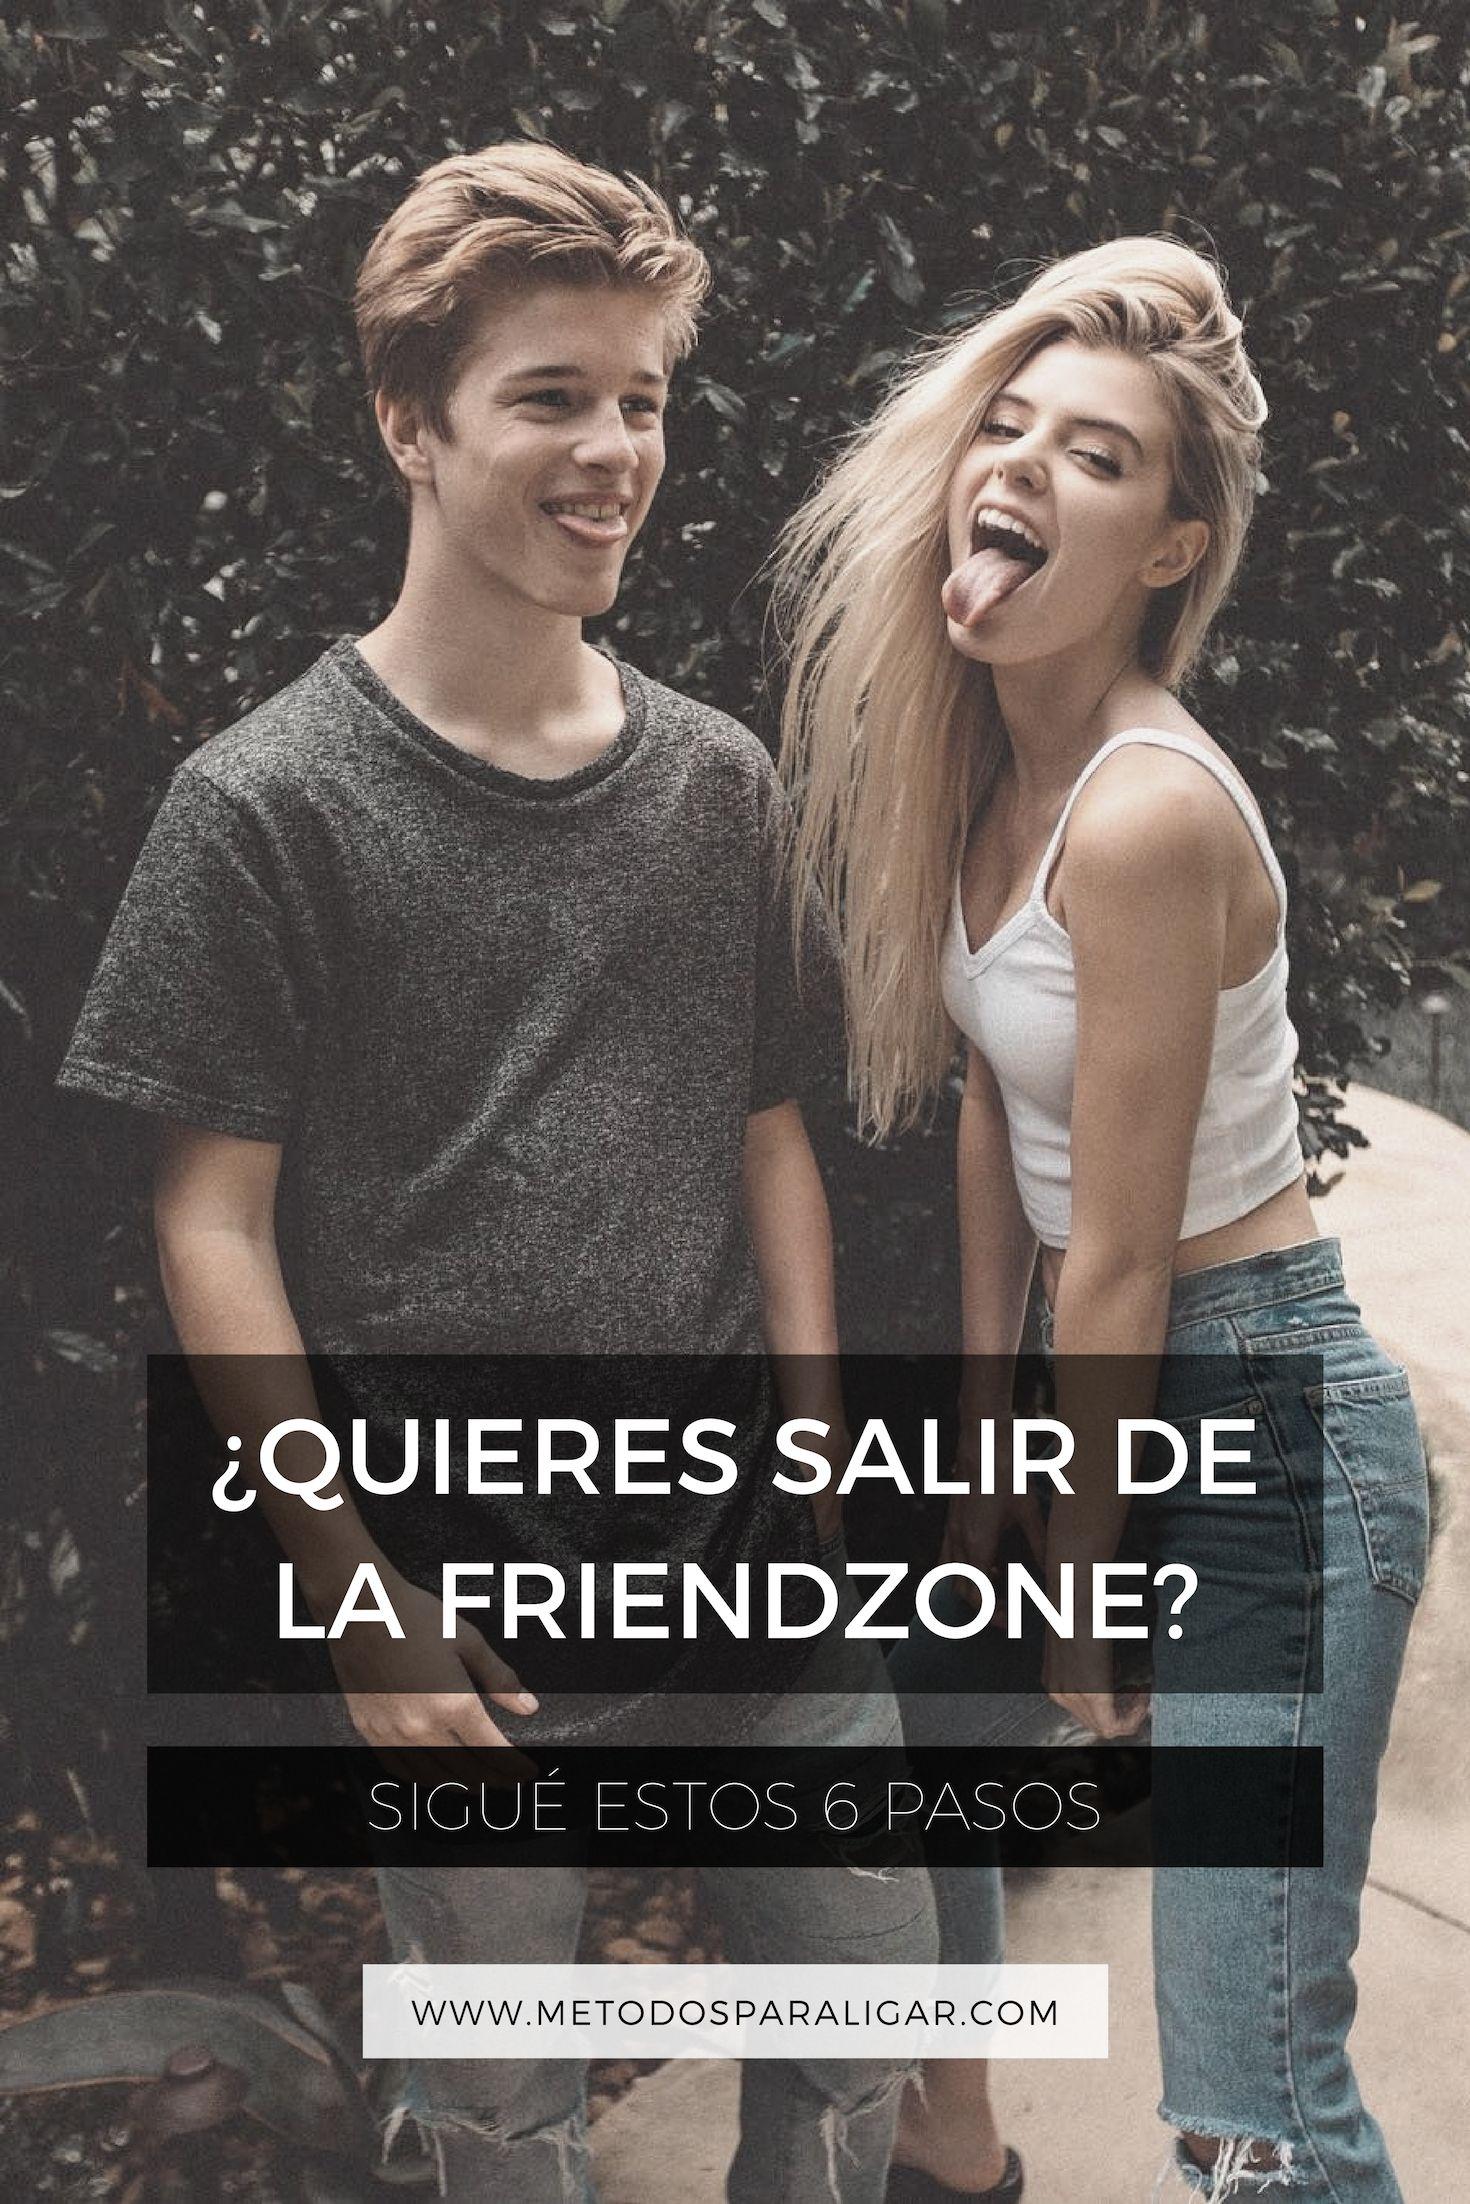 Como Salir De La Friendzone Con Estos 6 Sencillos Pasos Métodos Para Ligar Friendzone Couple Goals Memes